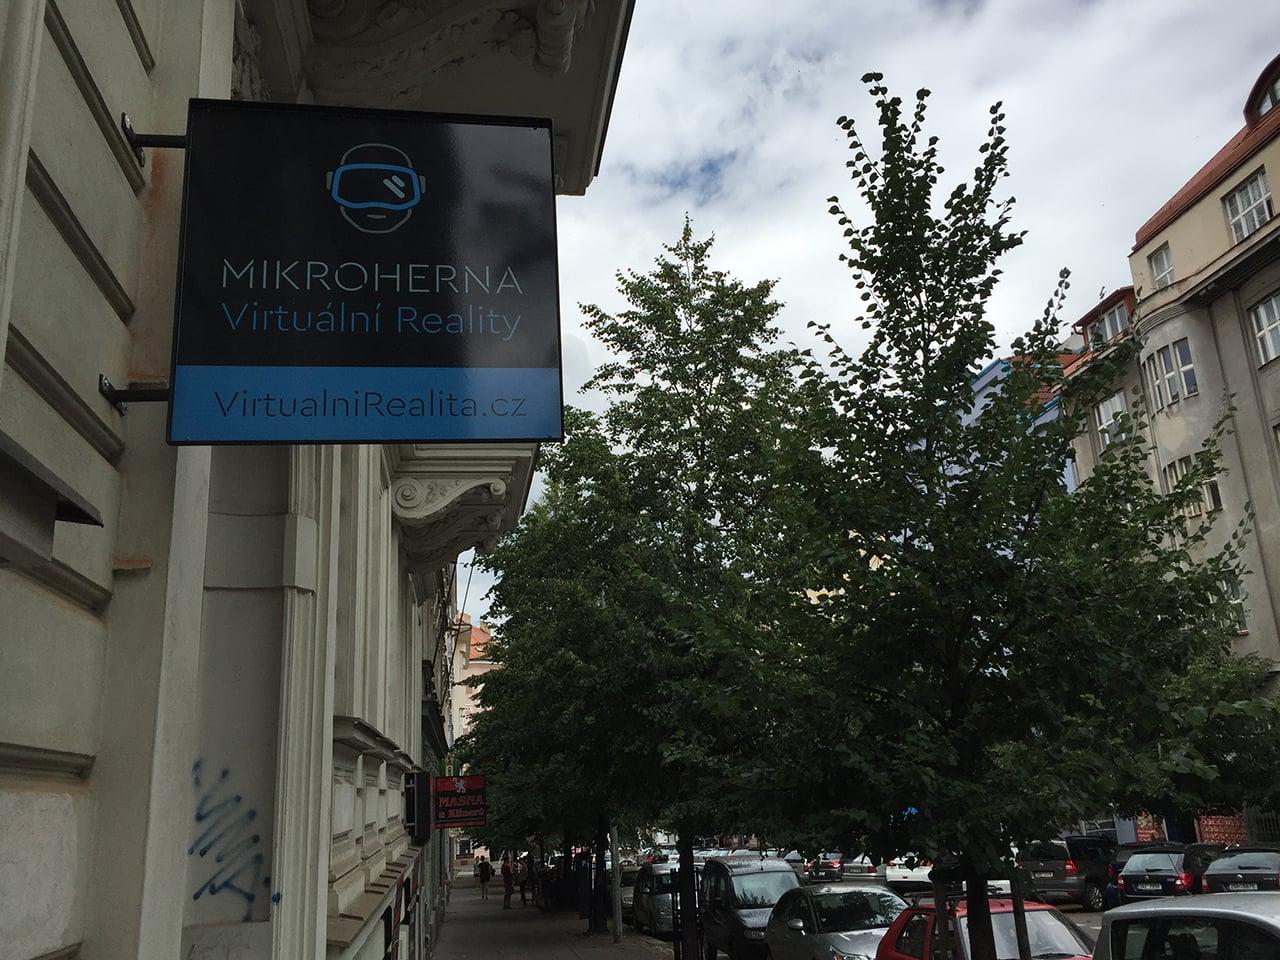 Mikroherna virtuální reality v Praze